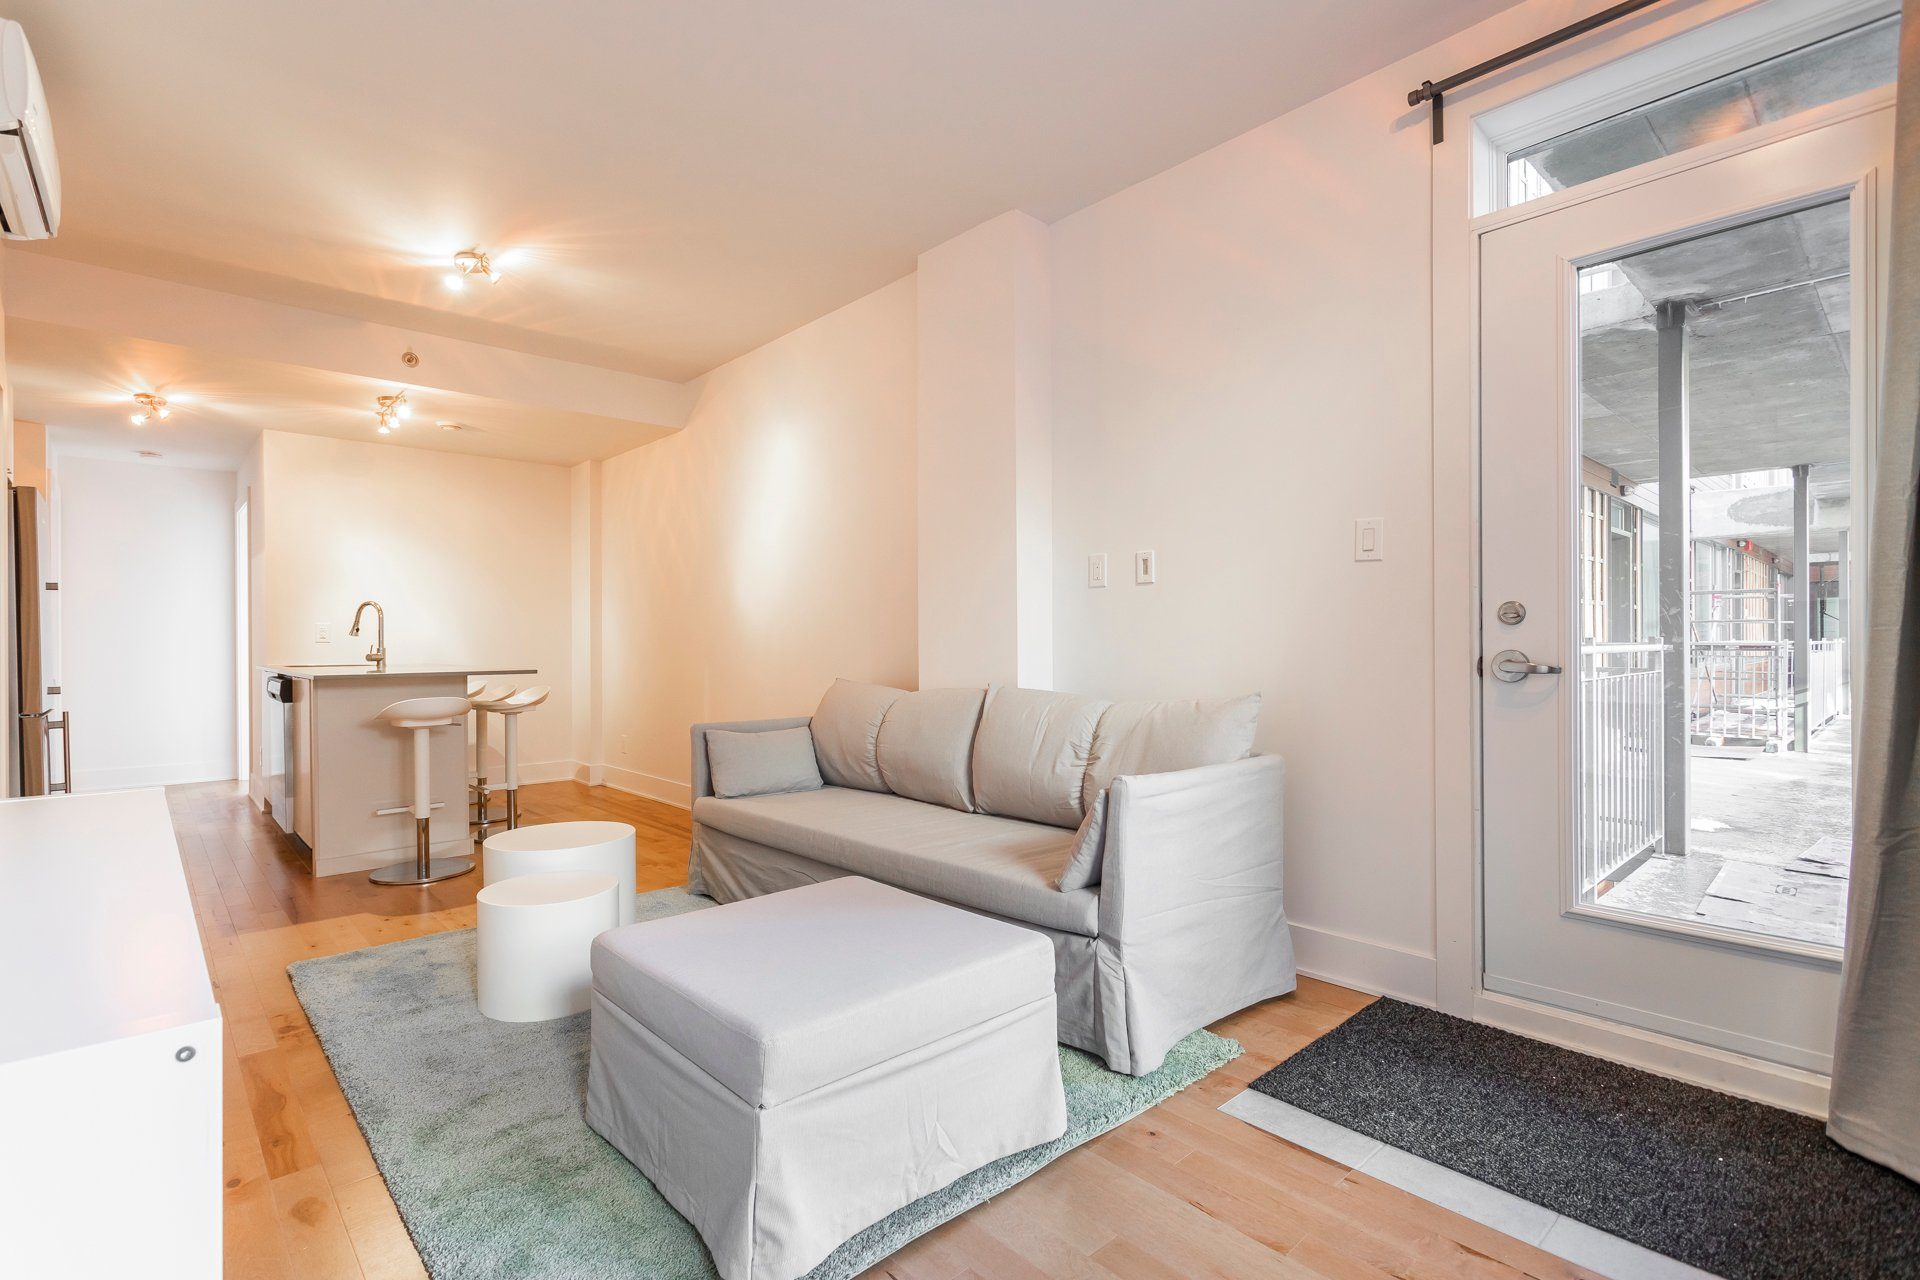 Apartment for rent Le Plateau-Mont-Royal (Montréal) Quebec ...